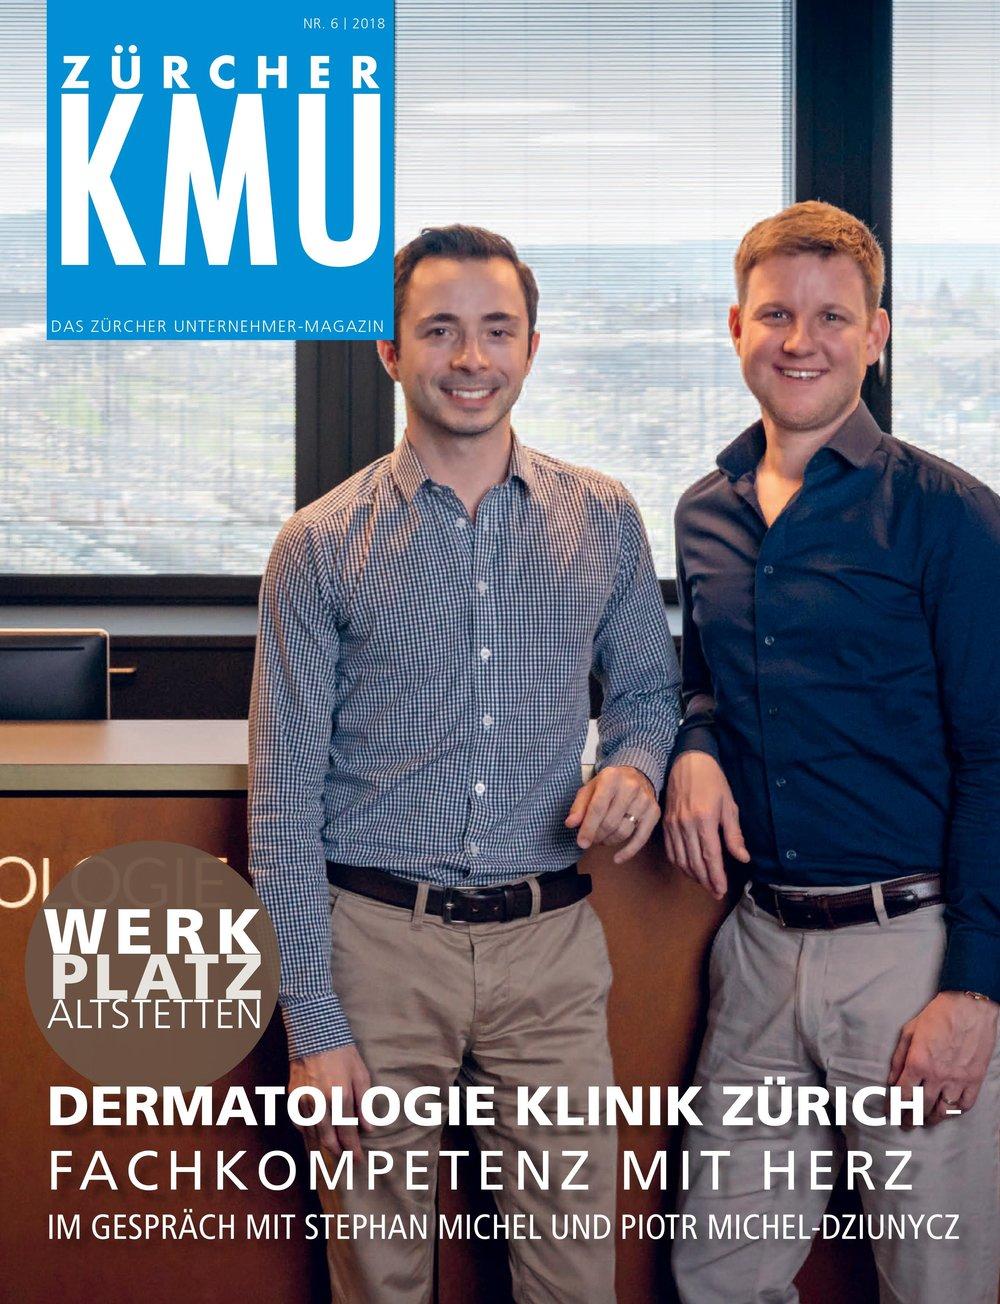 Zürcher_KMU_Frontpage.jpg